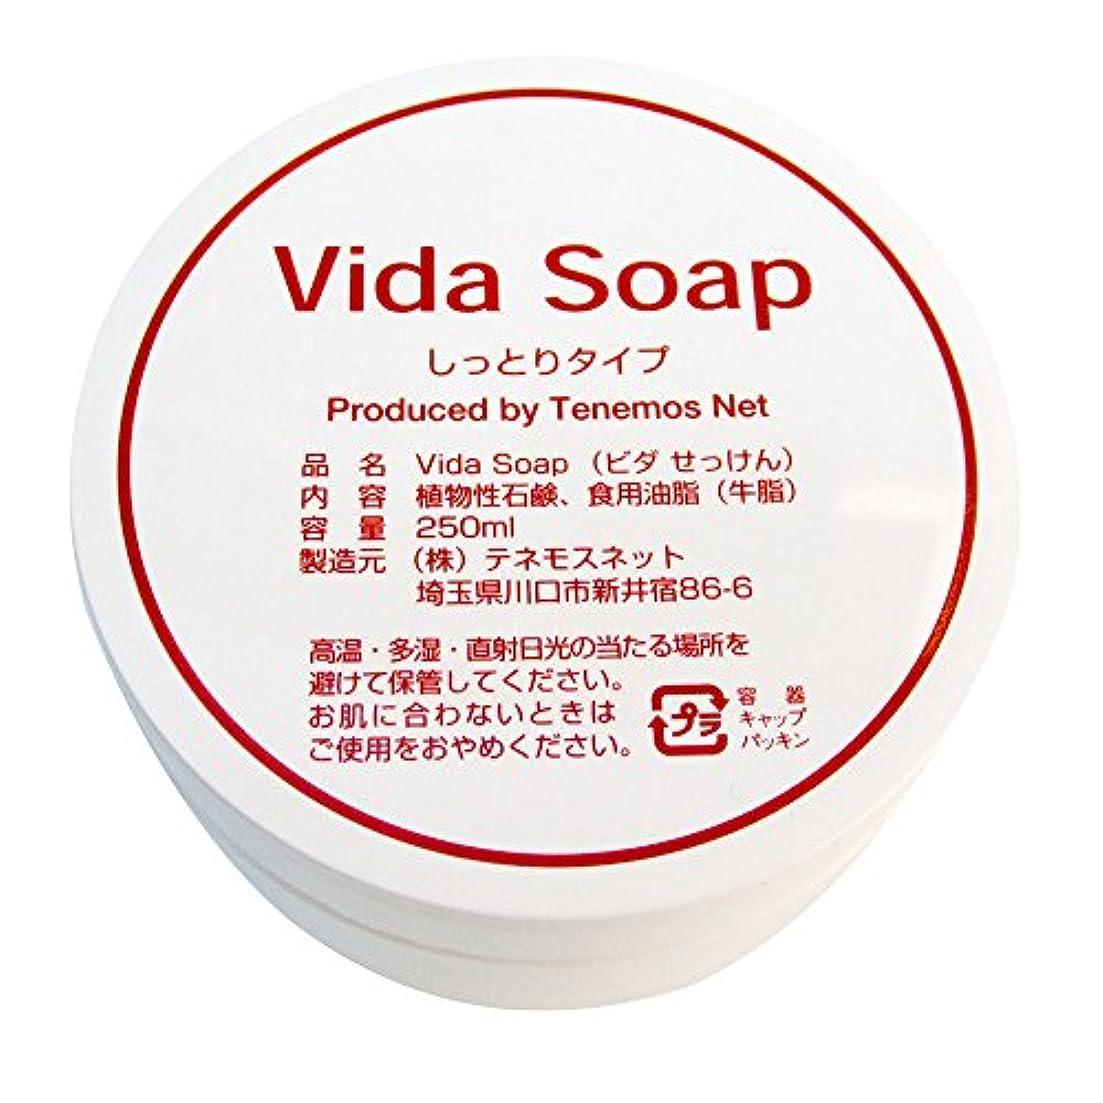 トロリーシーフードヒロインテネモス ビダせっけん Vida Soap しっとりノーマル 動物性 250ml